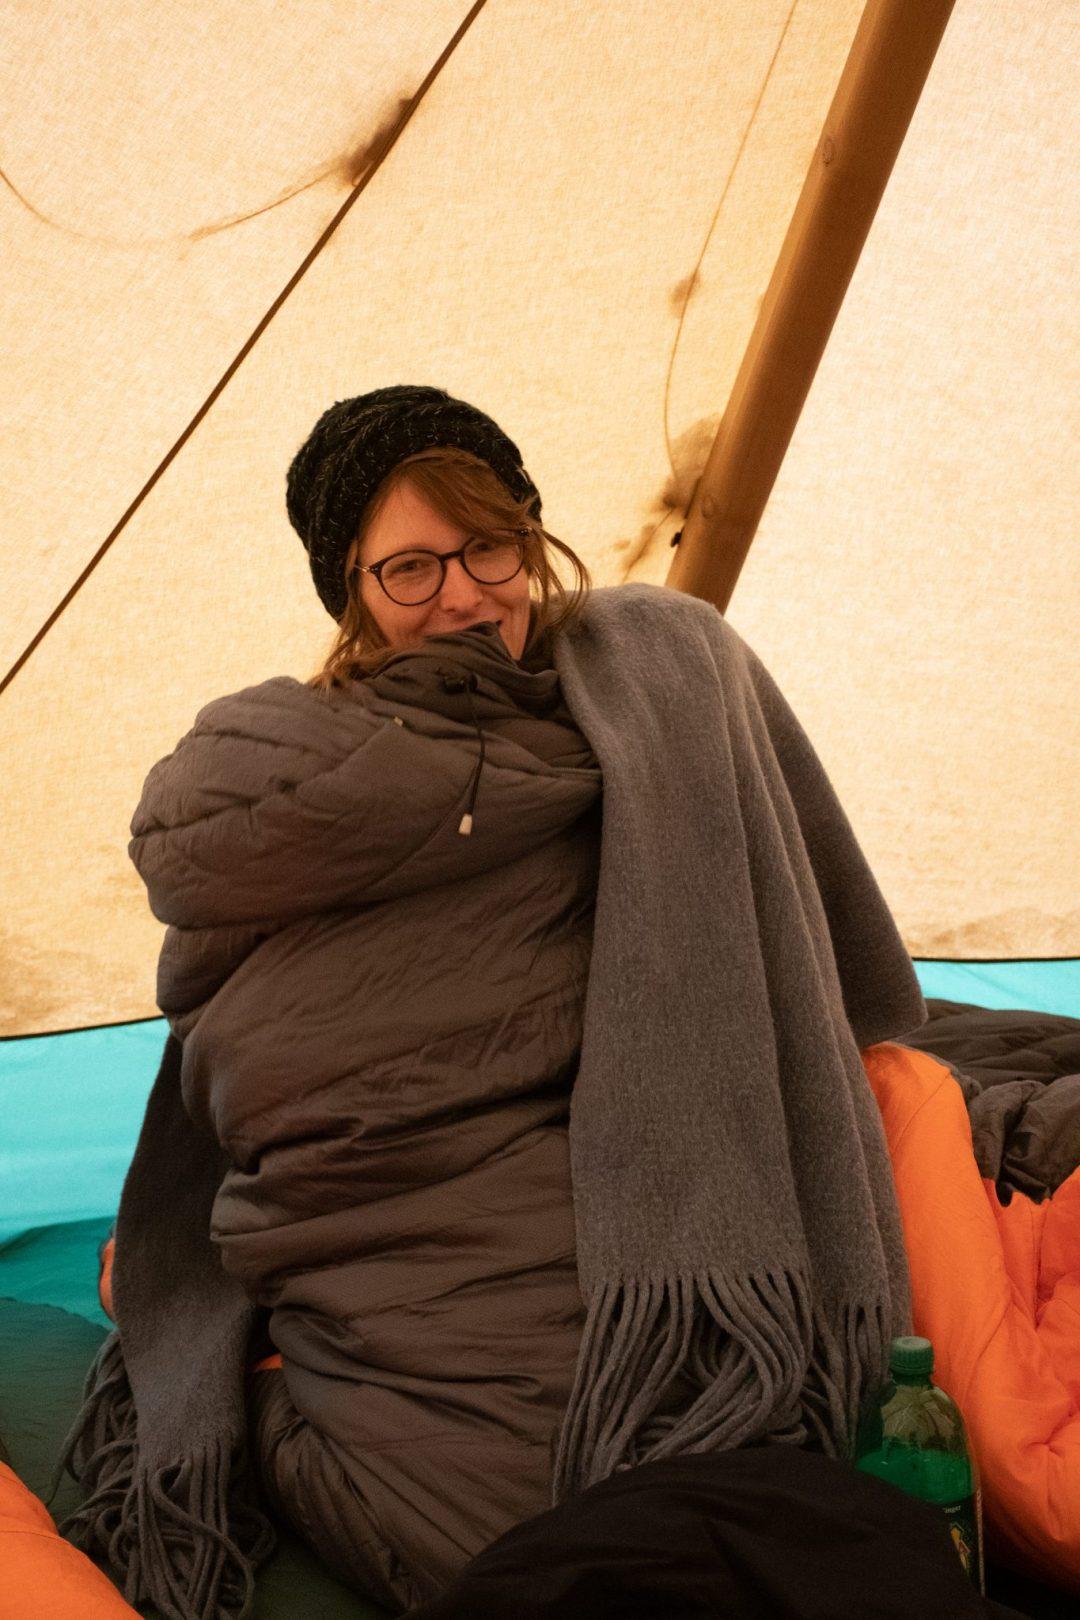 femme sac de couchage